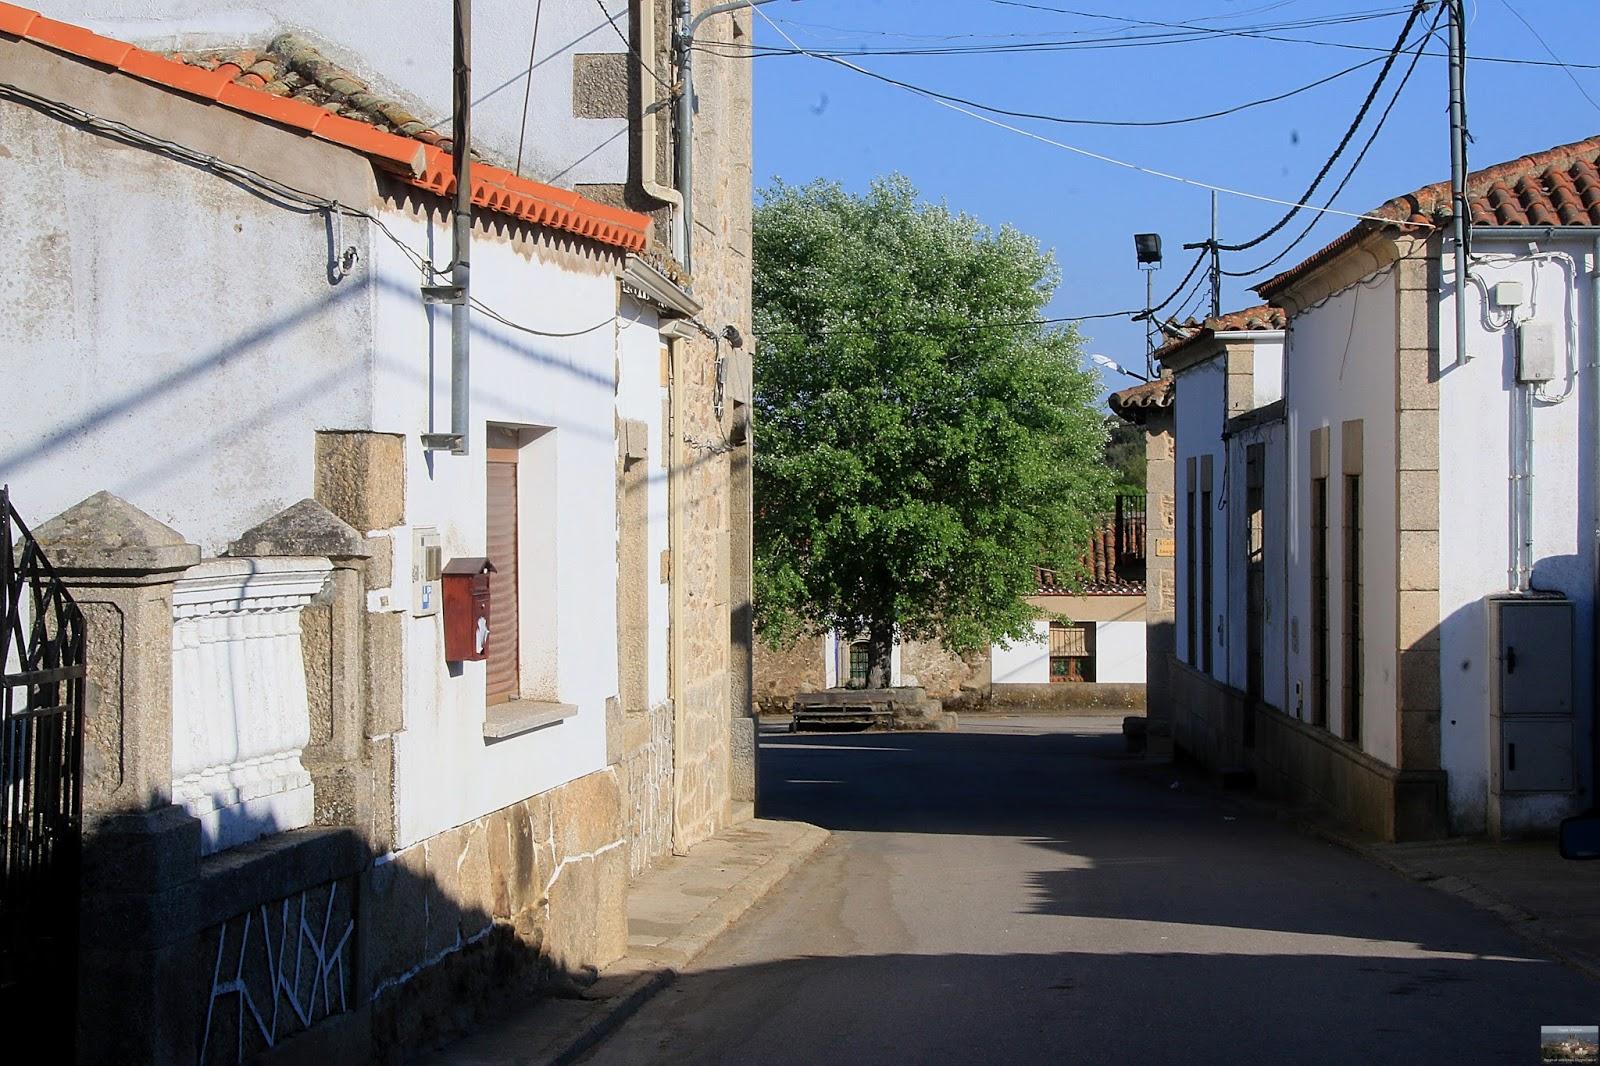 calle prado 4 salamanca bogajo salamanca calles de bogajo durante esta primavera